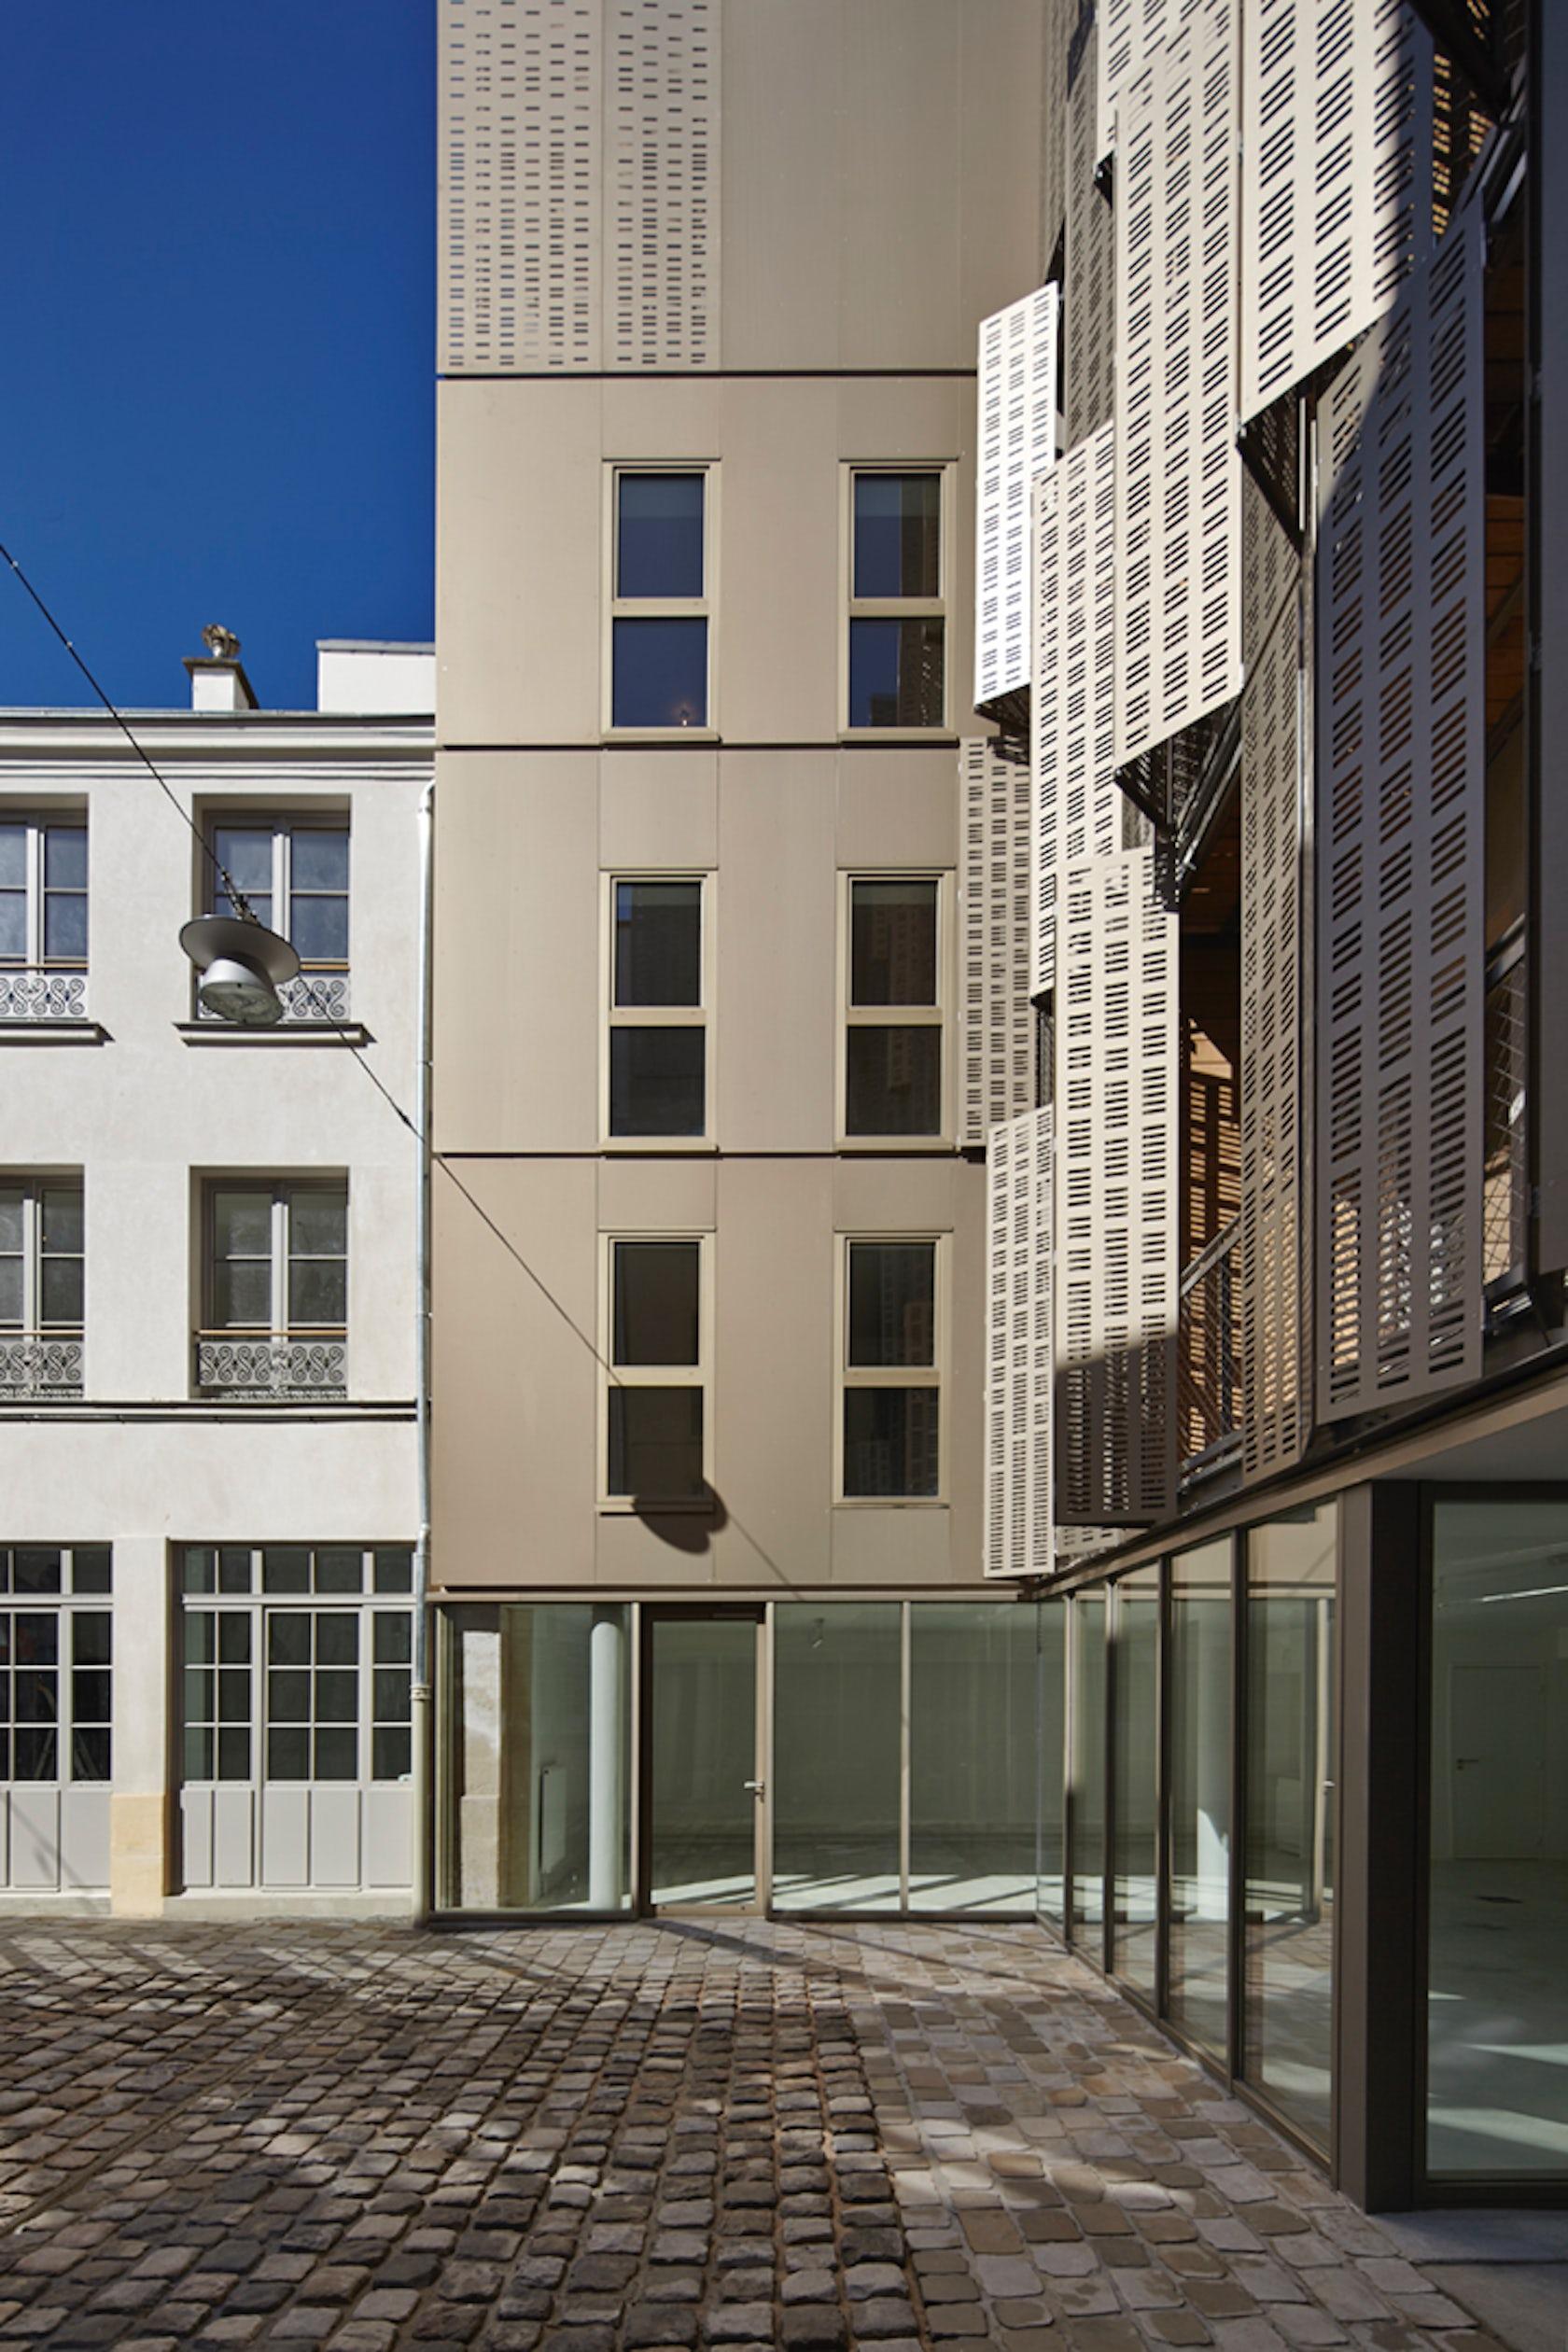 25 rue michel le comte paris le marais architizer. Black Bedroom Furniture Sets. Home Design Ideas